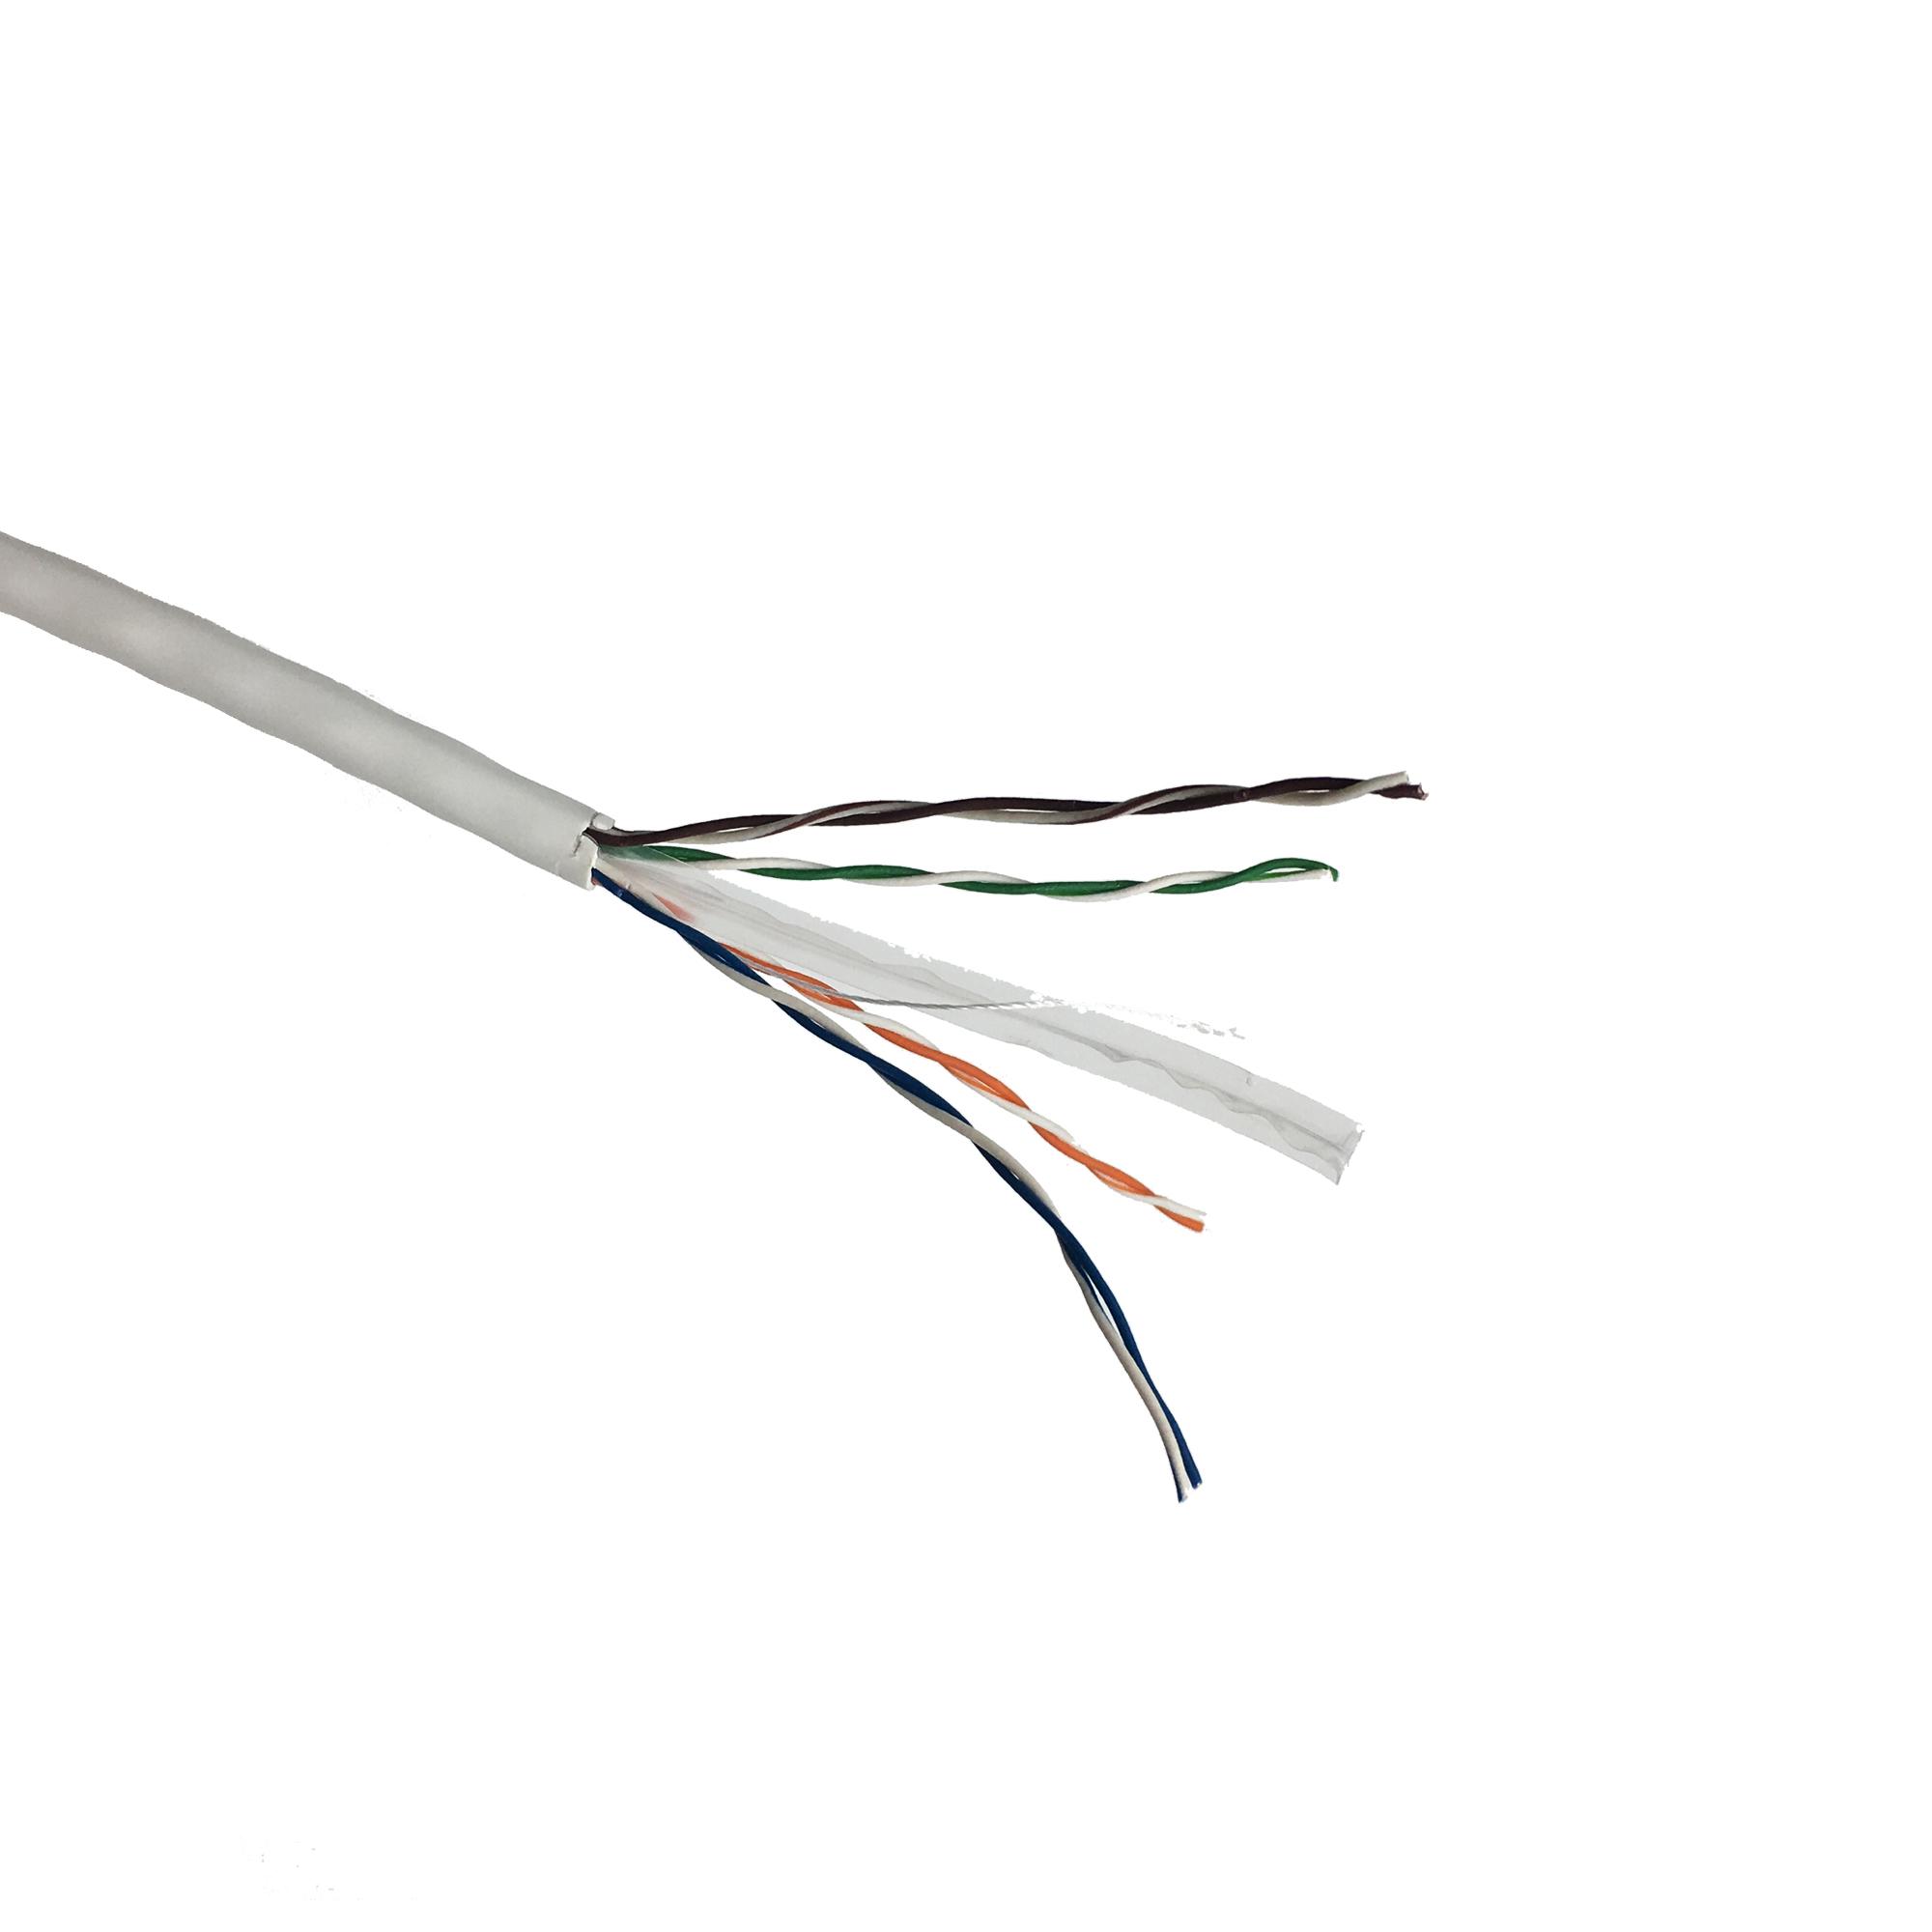 Cuộn dây cáp mạng LB-LINK Cat6 UTP CCA 305m (dây màu trắng)